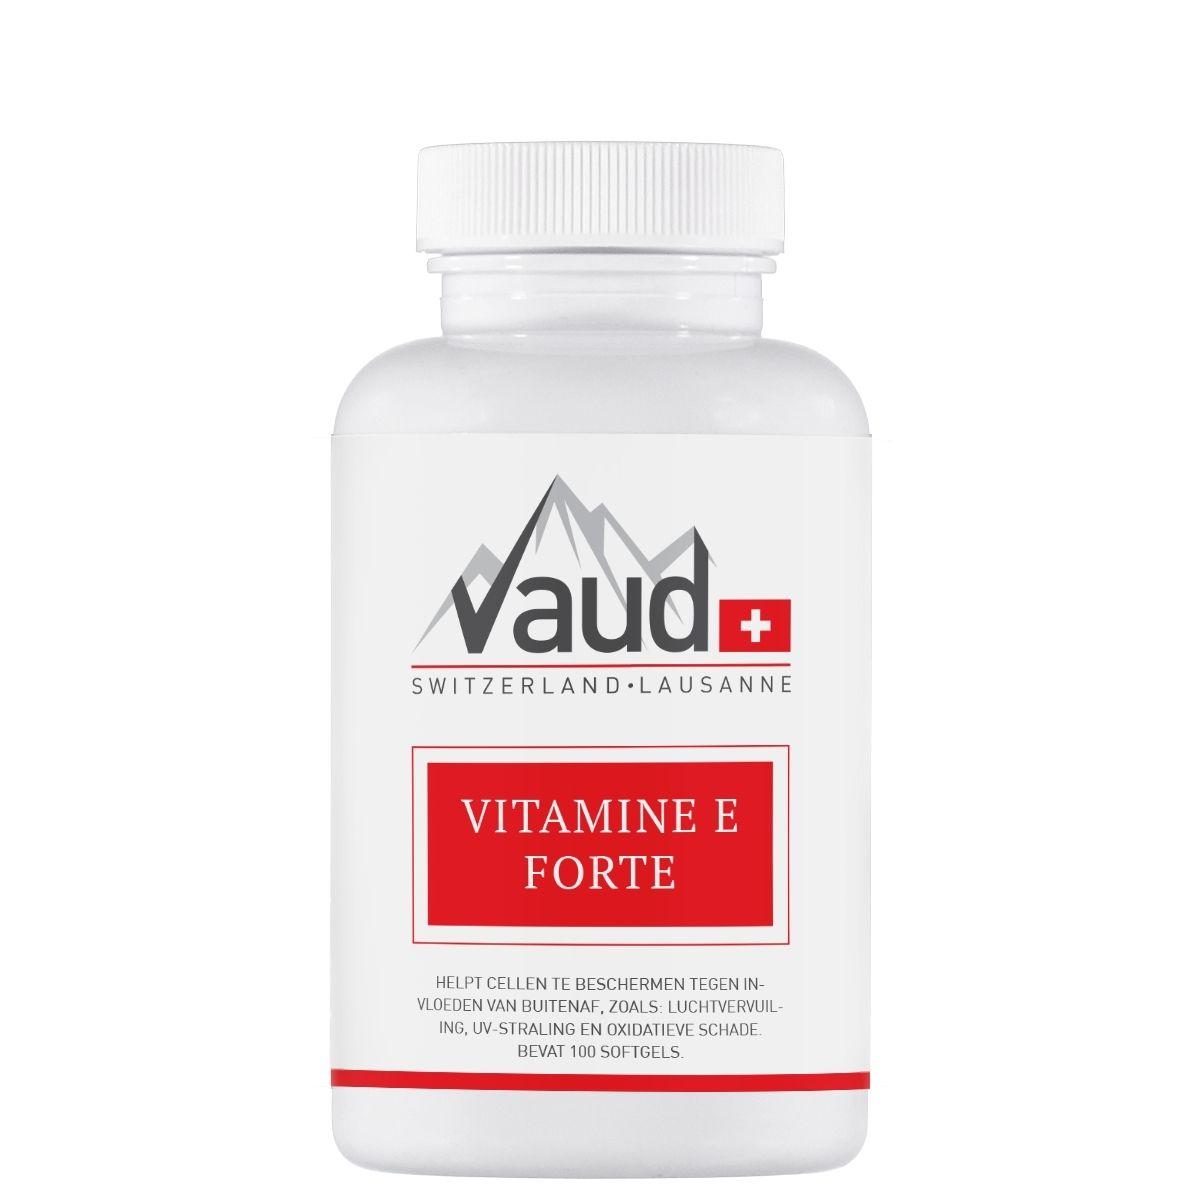 Vitamine E Forte - Vaud